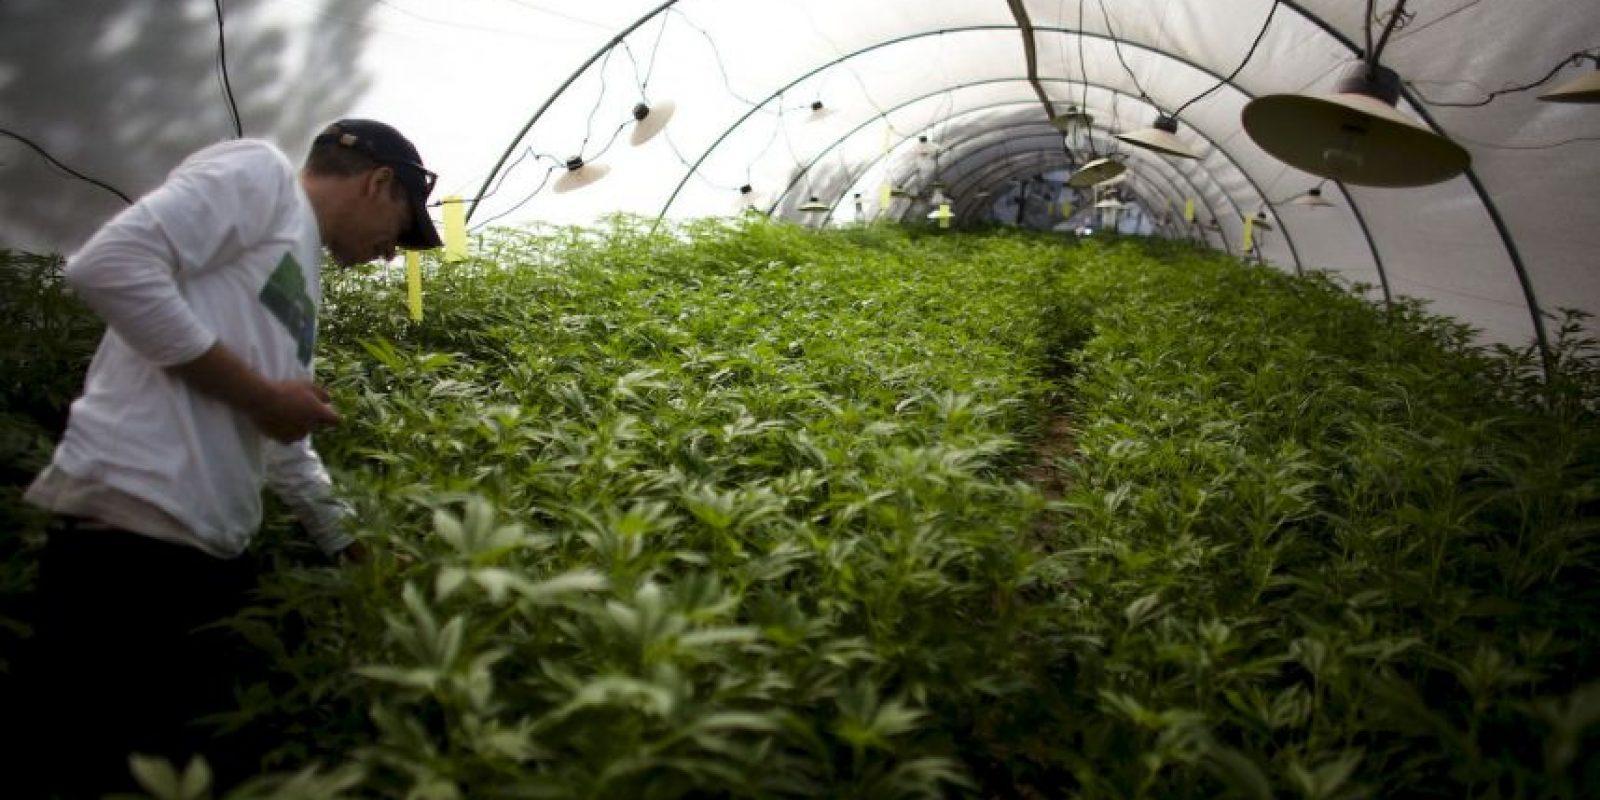 Permite el consumo de marihuana con fines médicos y tiene diversos dispensarios para esos propósitos. Foto:Getty Images